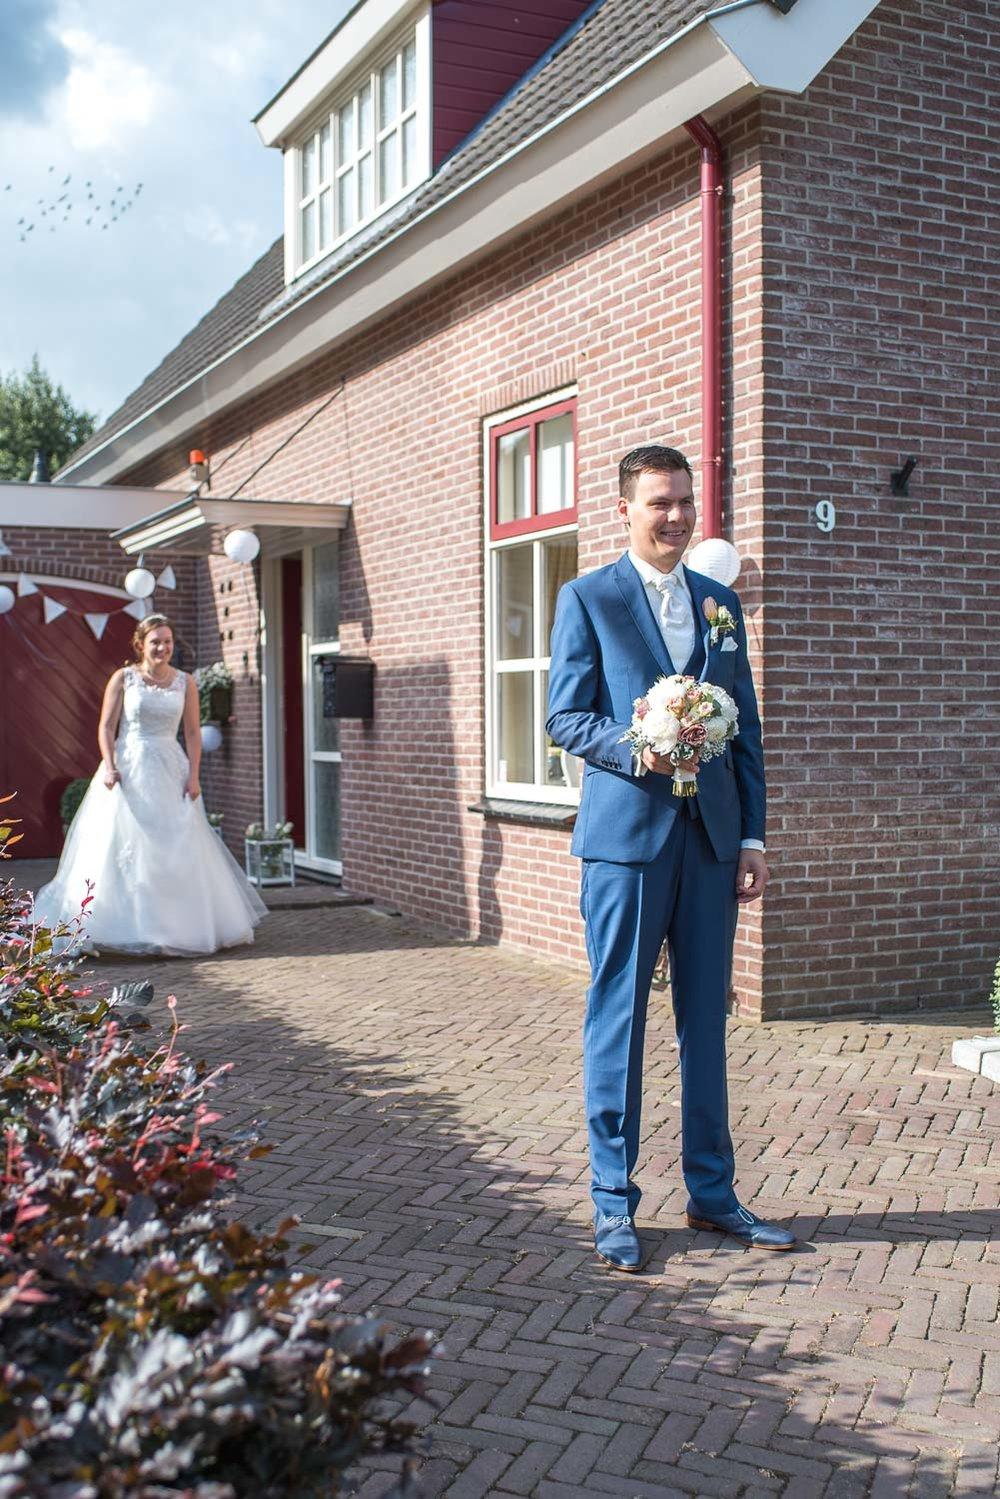 trouwfotografie_tienhoven_ameide_evelienhogersfotografie (49 of 463).jpg